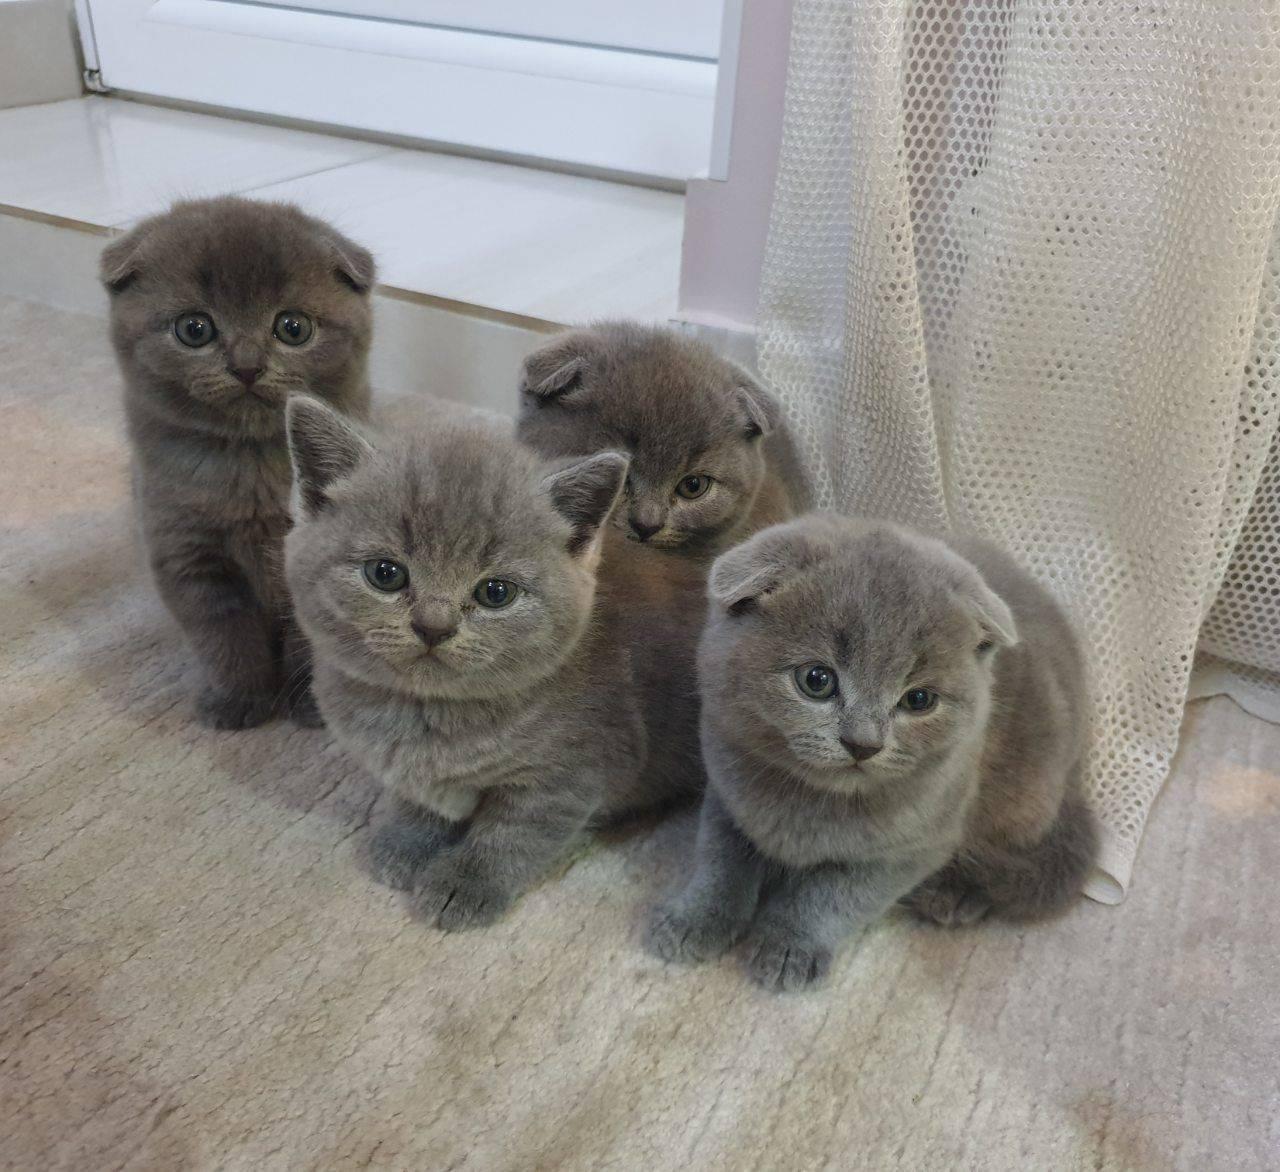 Шотландский котенок 3 месяца как выглядит - фото, описание, уход